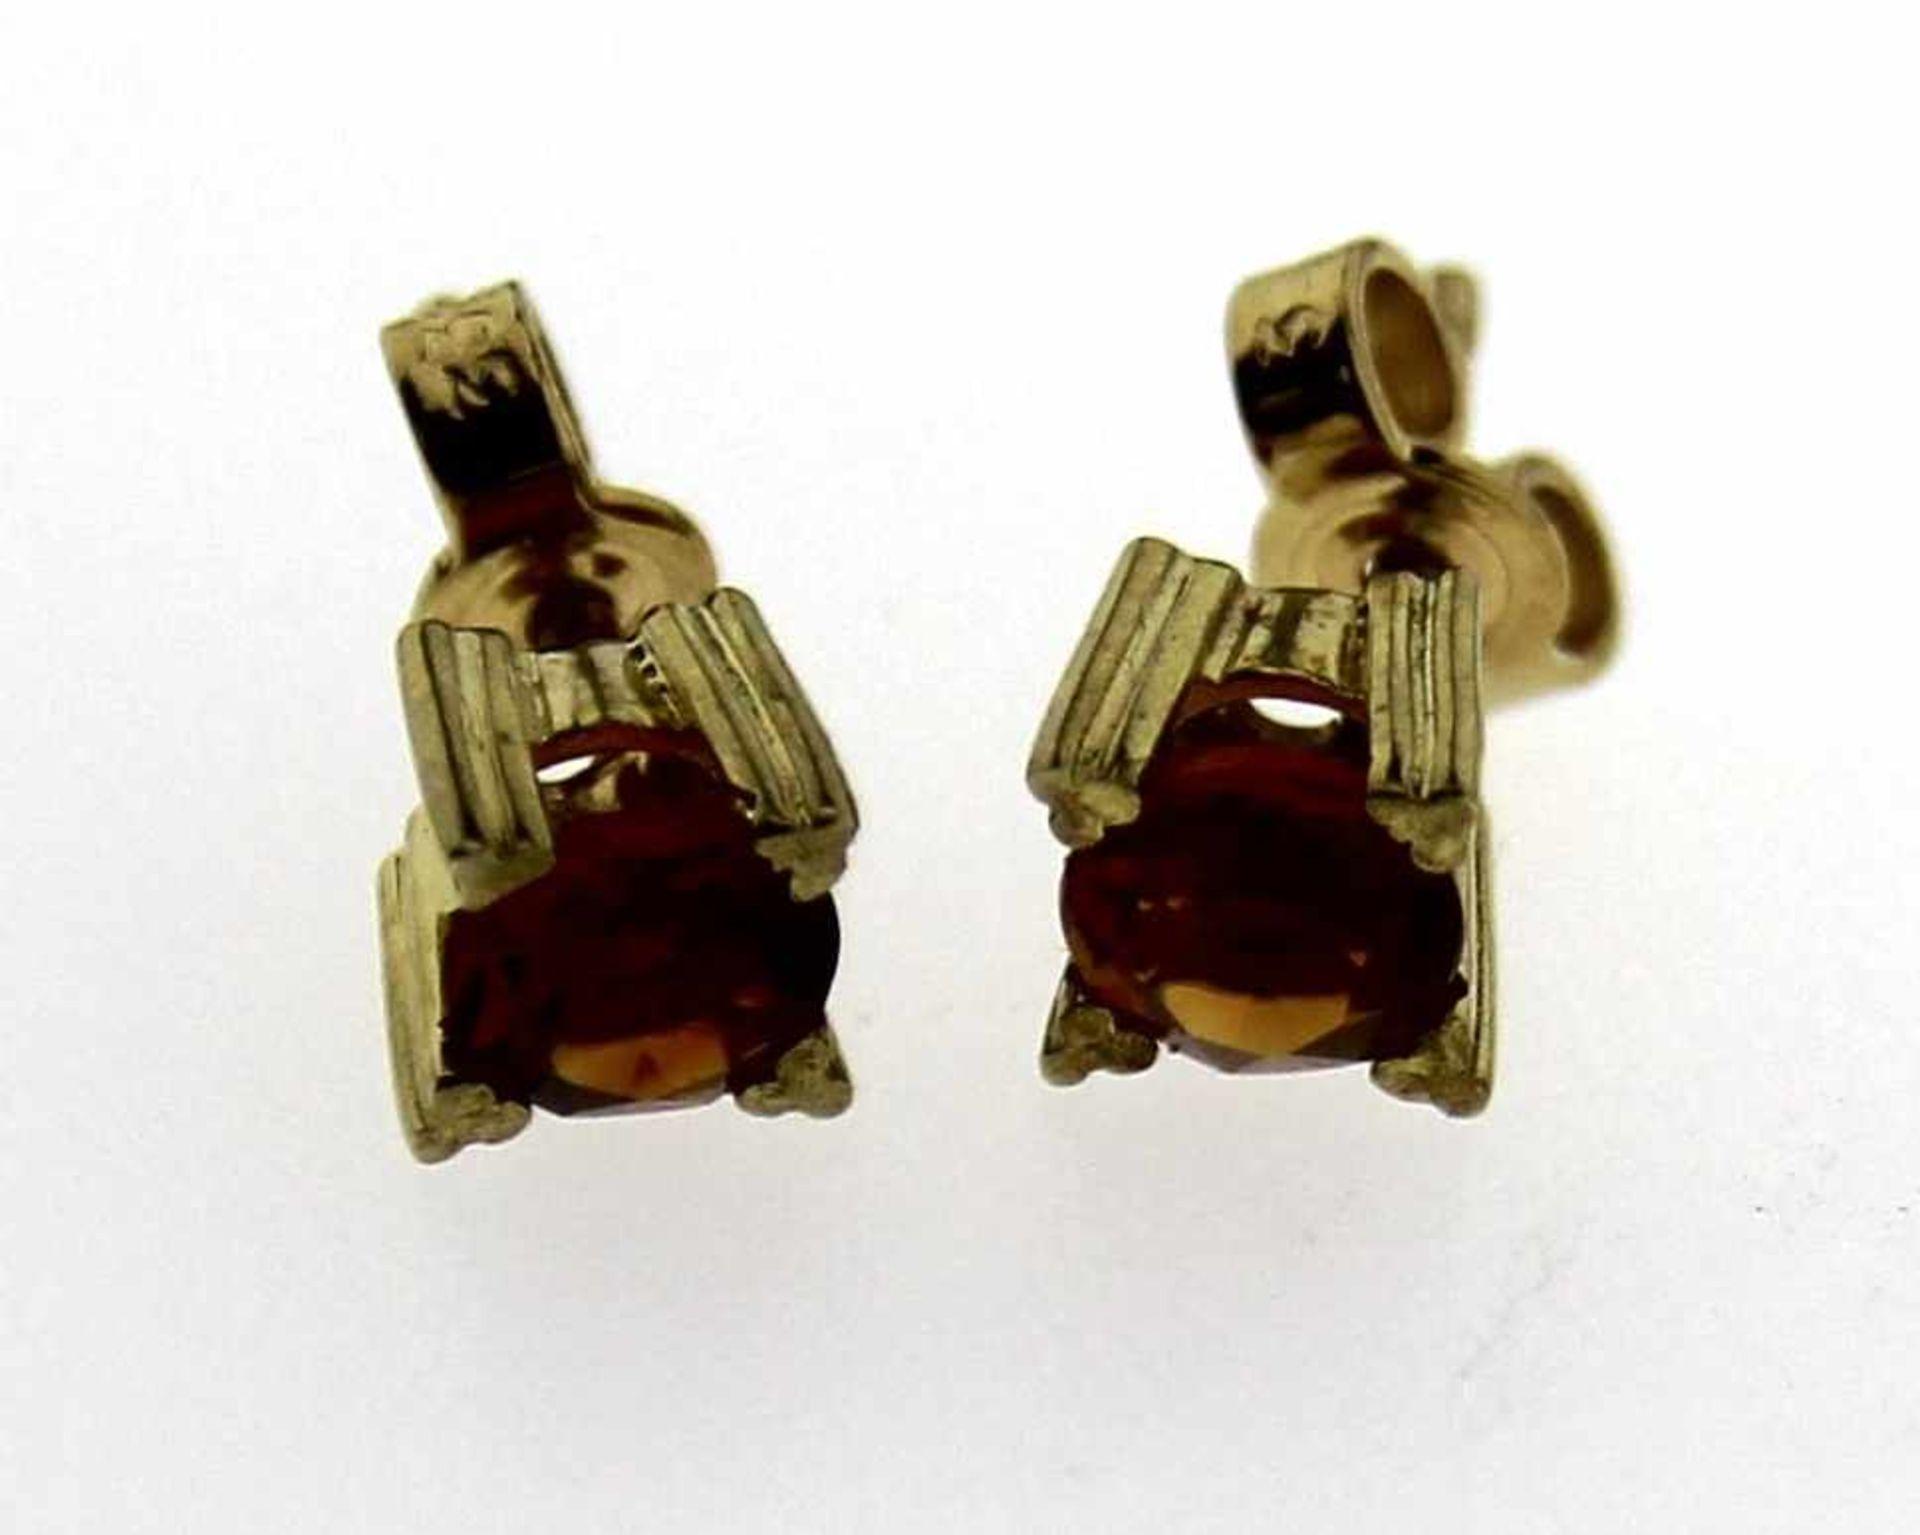 Ohrstecker 333 Gold mit Zitrin, NOS Gesamtgewicht ca. 1,3 Gramm, Zitrin in Krappenfassung ca. 5mm